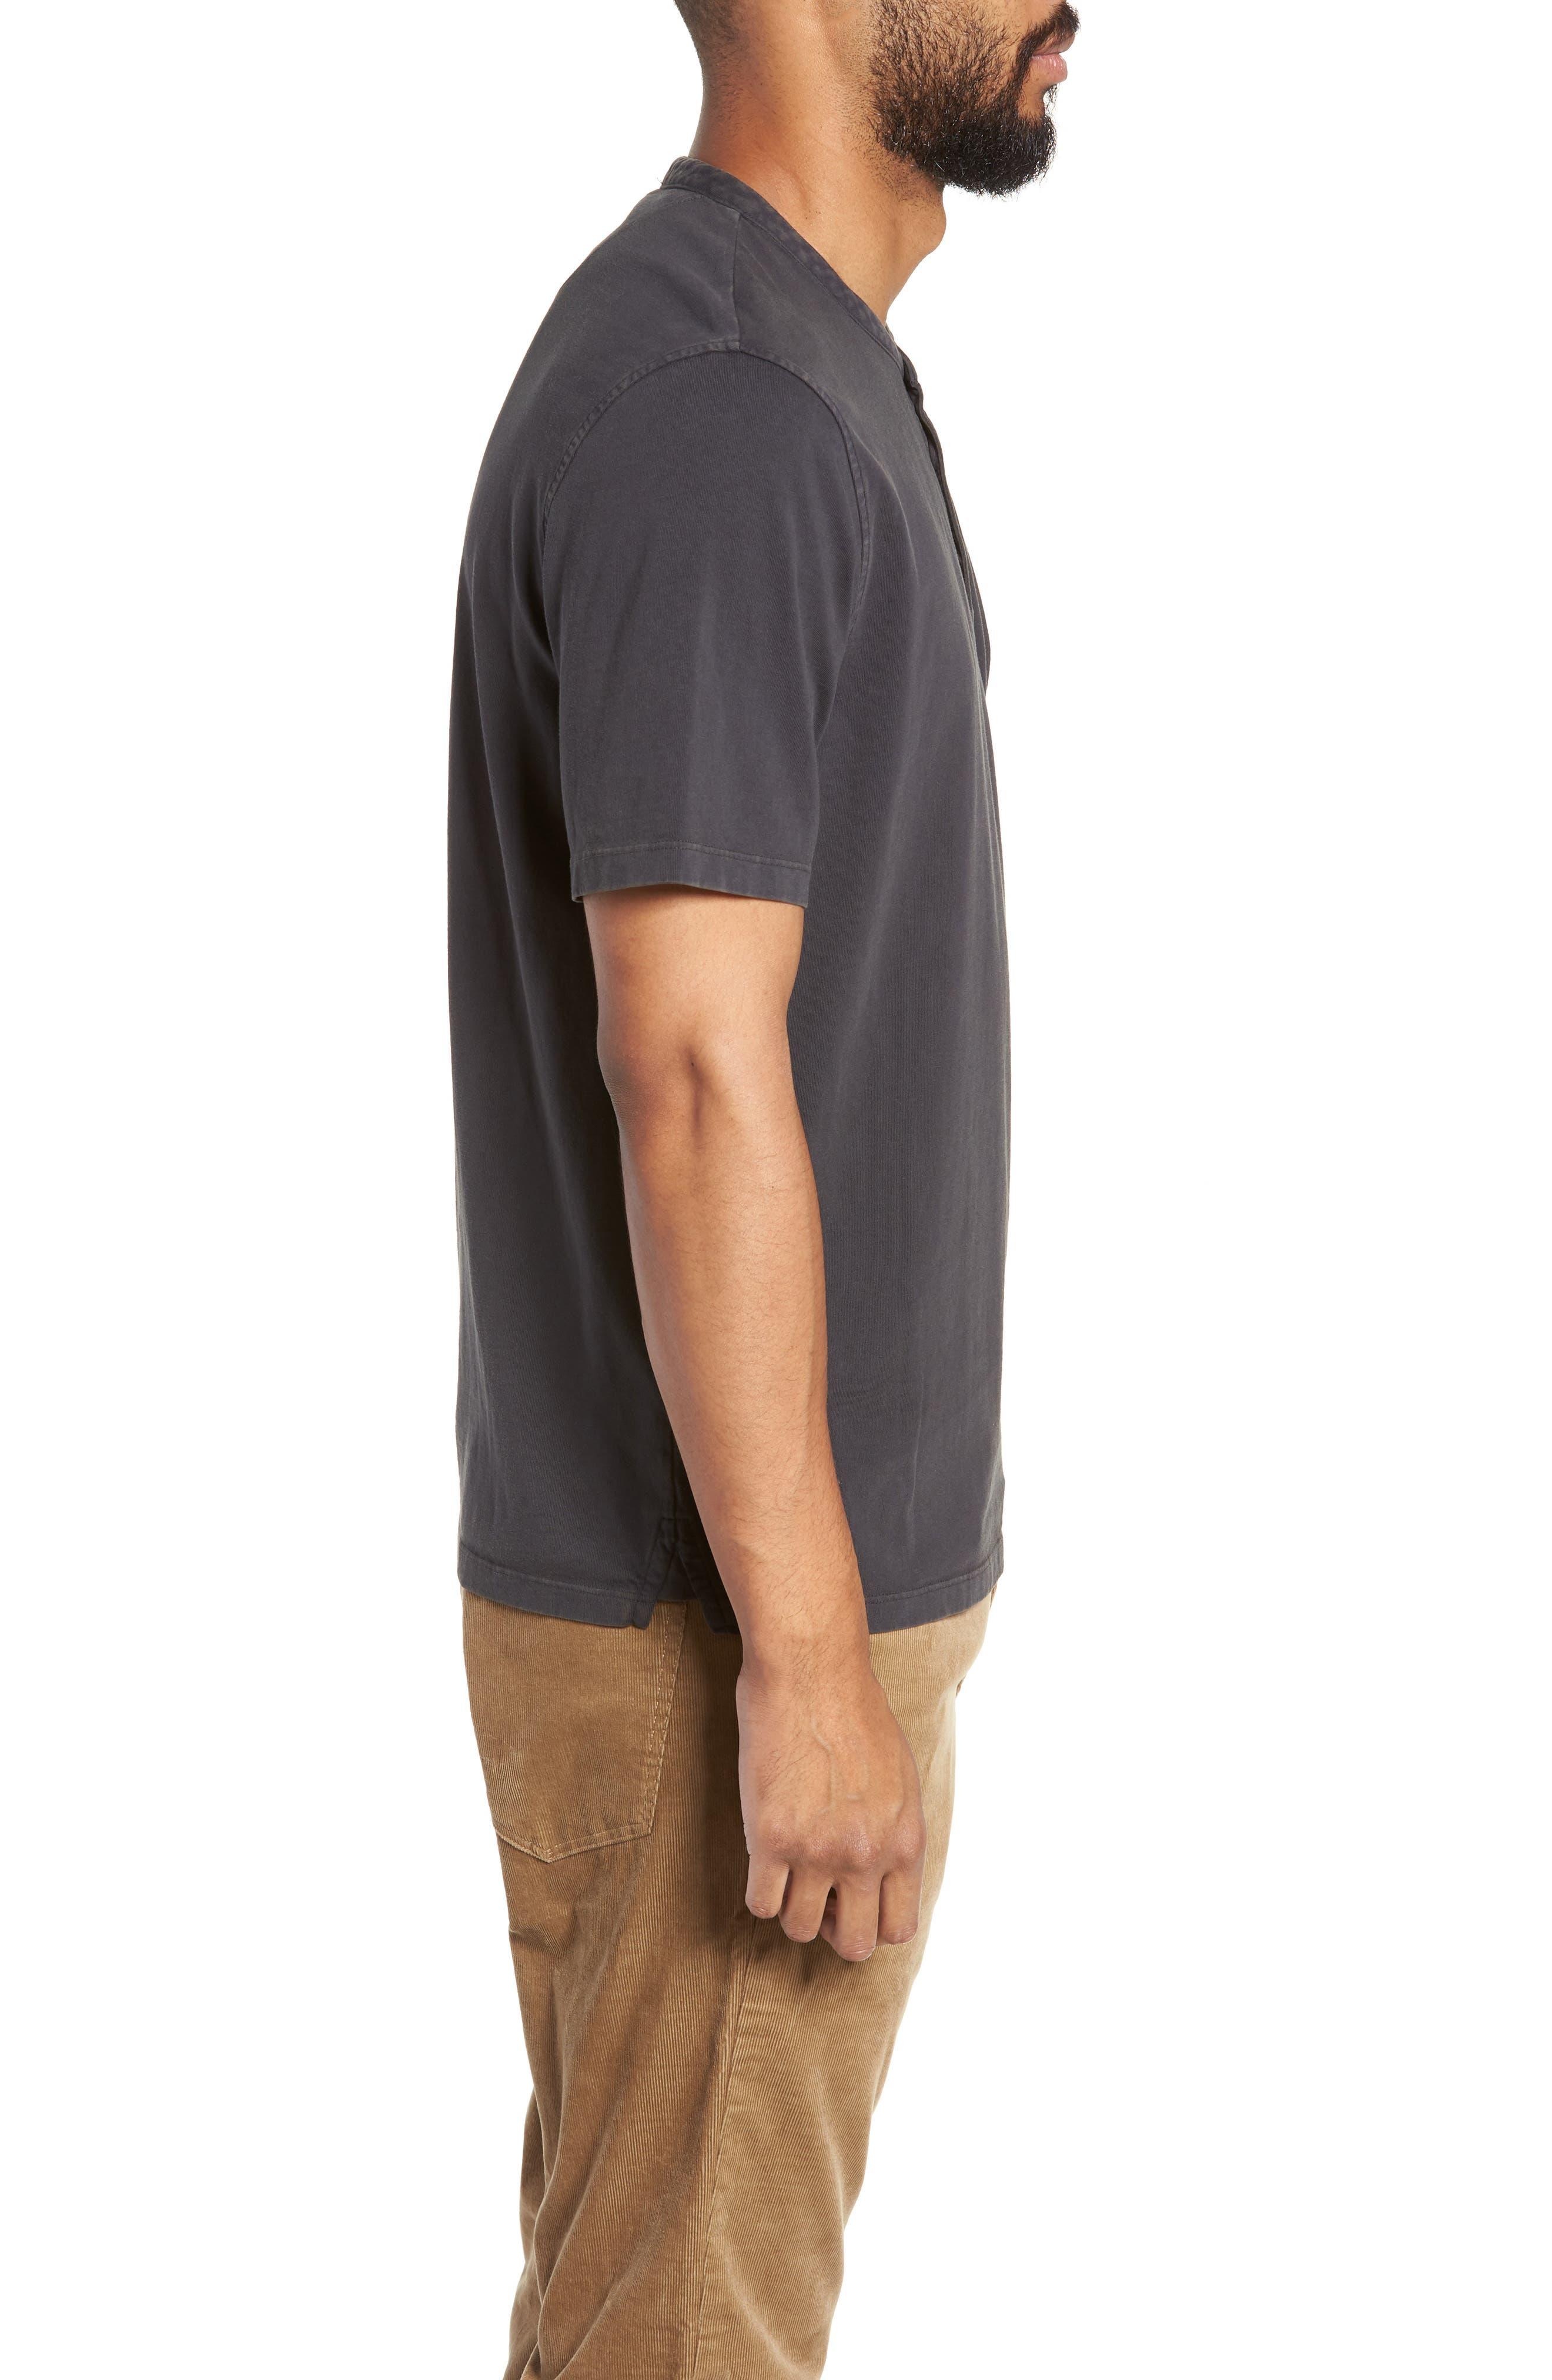 VINCE,                             Regular Fit Garment Dye Short Sleeve Henley,                             Alternate thumbnail 3, color,                             001